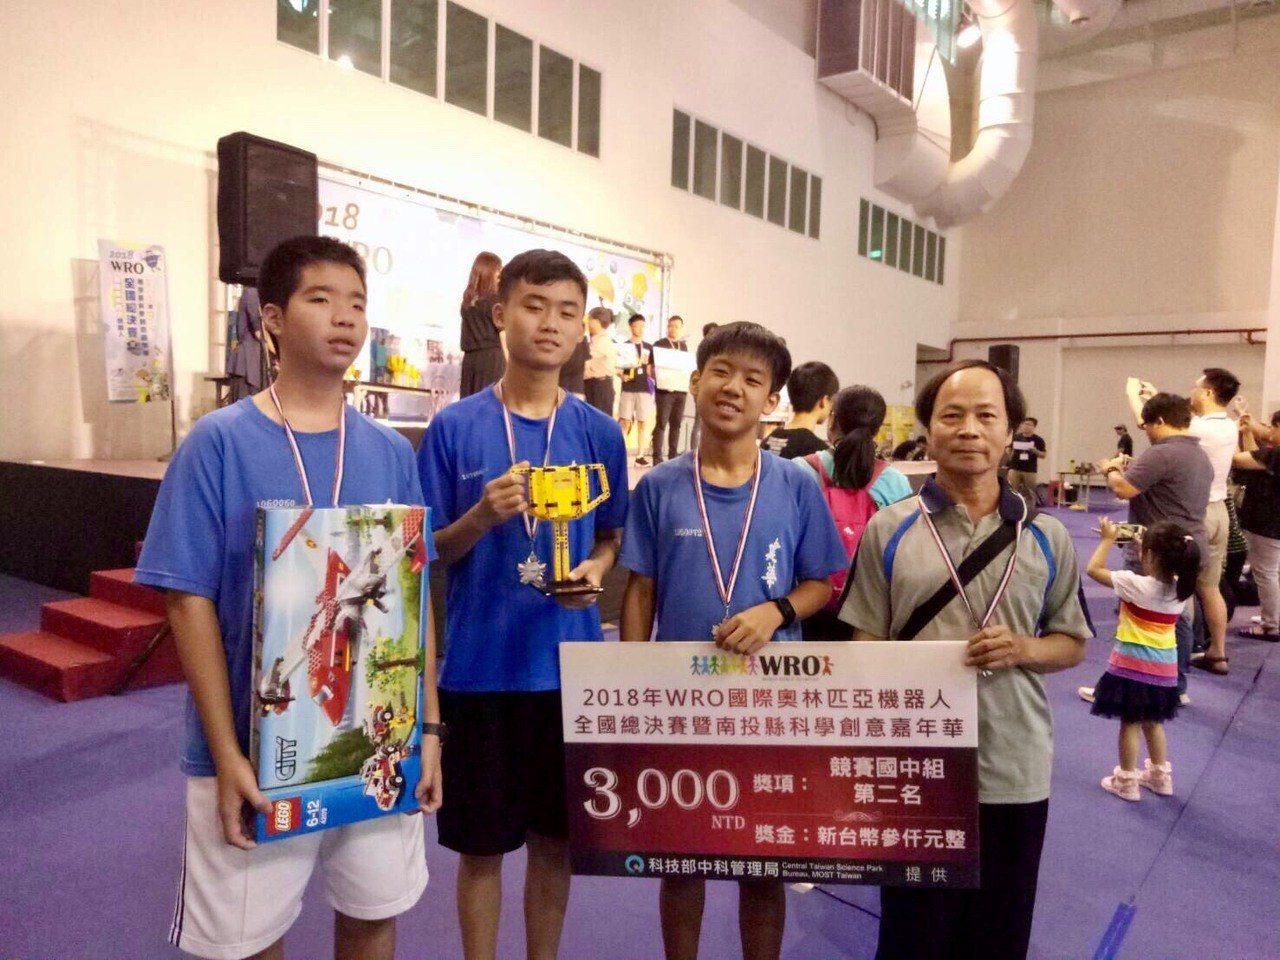 左起為建華國中學生歐邑衡、蔡定倫、林志曄與教練李海清。圖/建華國中提供